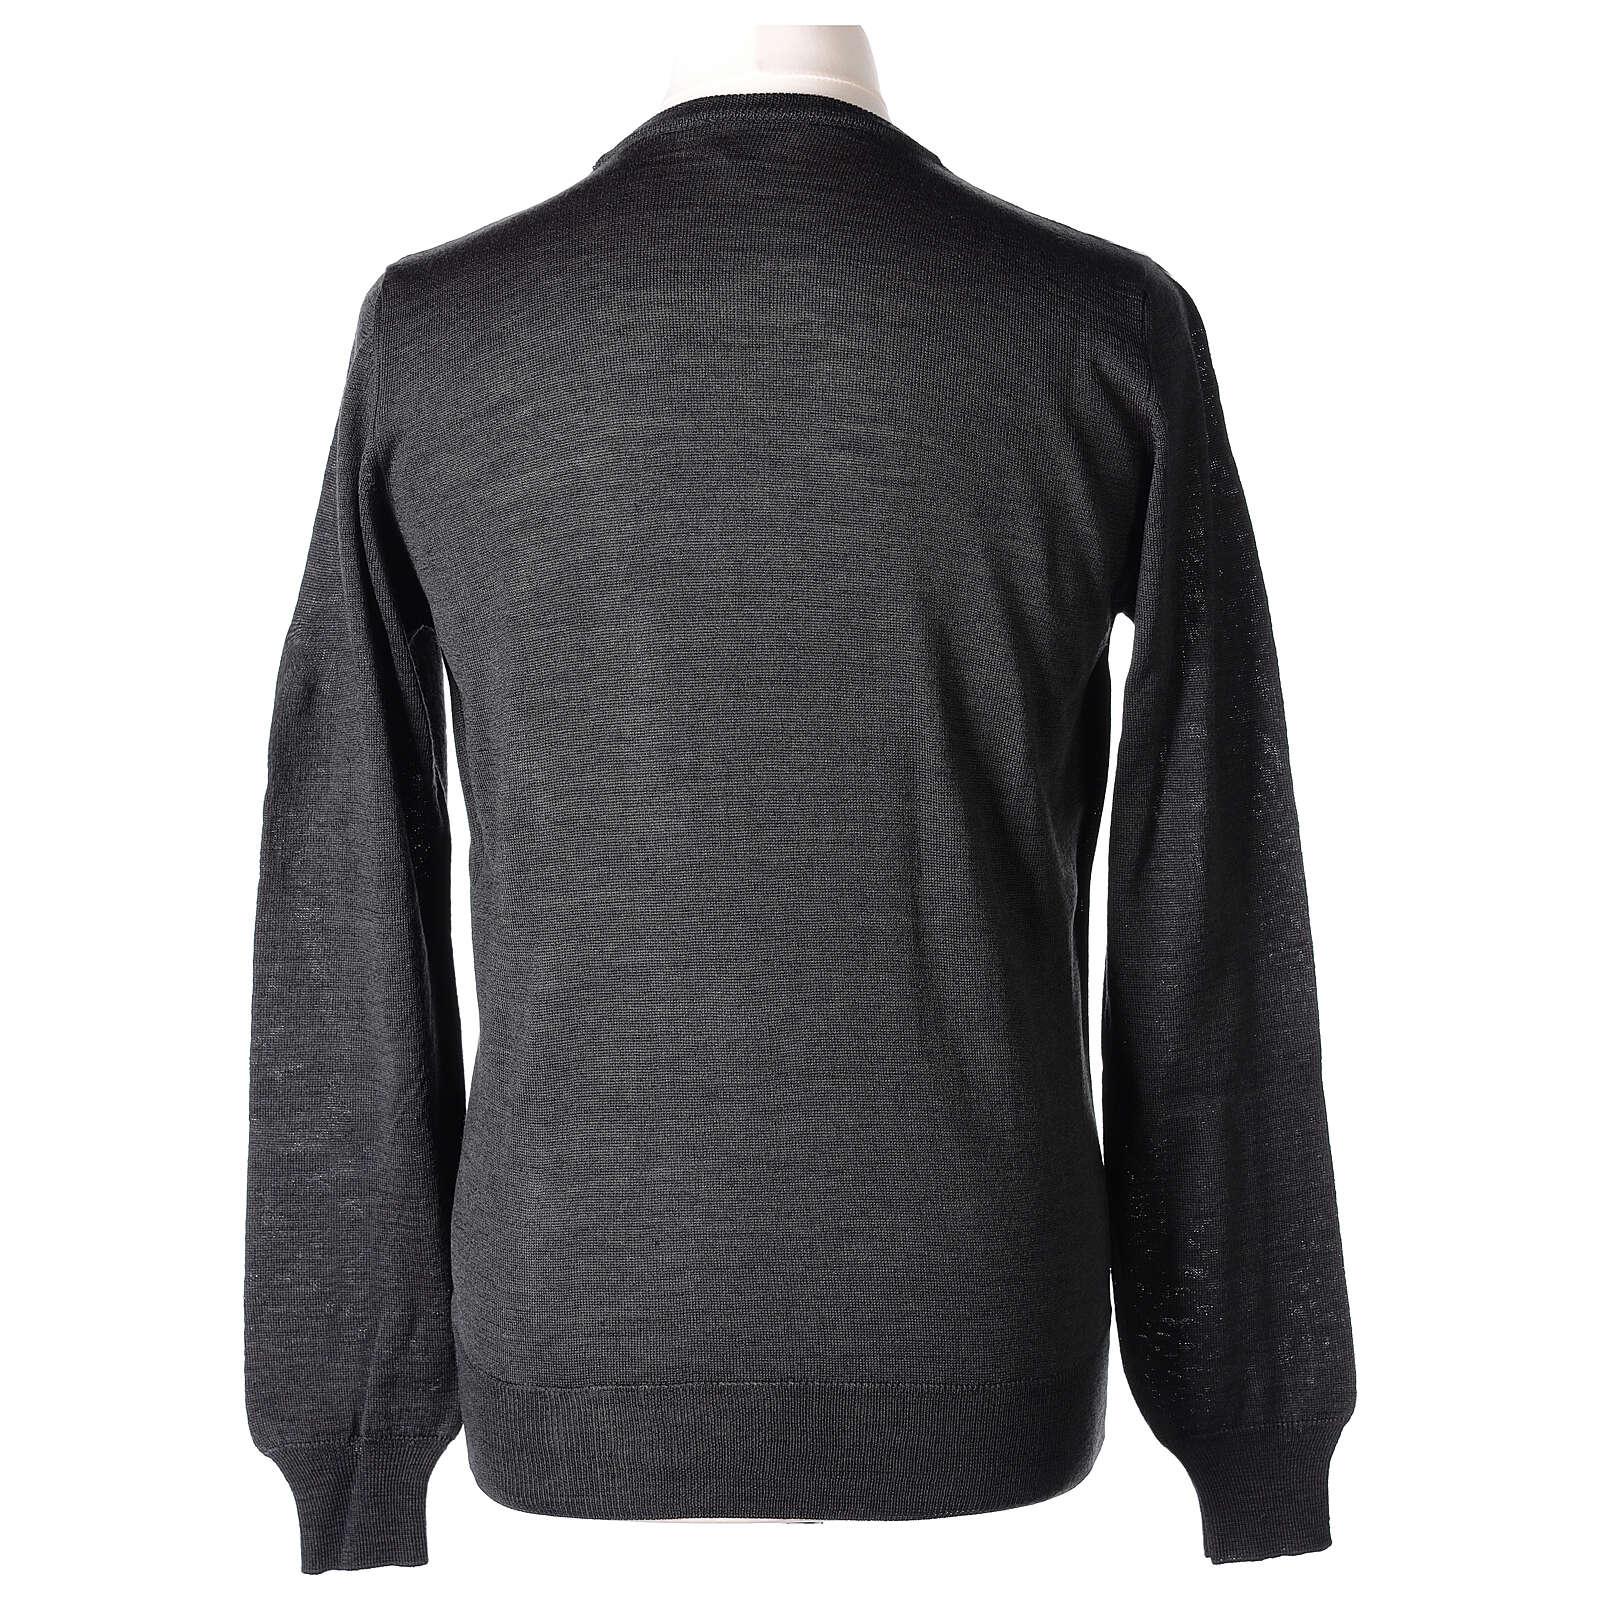 Jersey sacerdote antracita cuello redondo punto al derecho 50% lana merina 50% acrílico In Primis 4